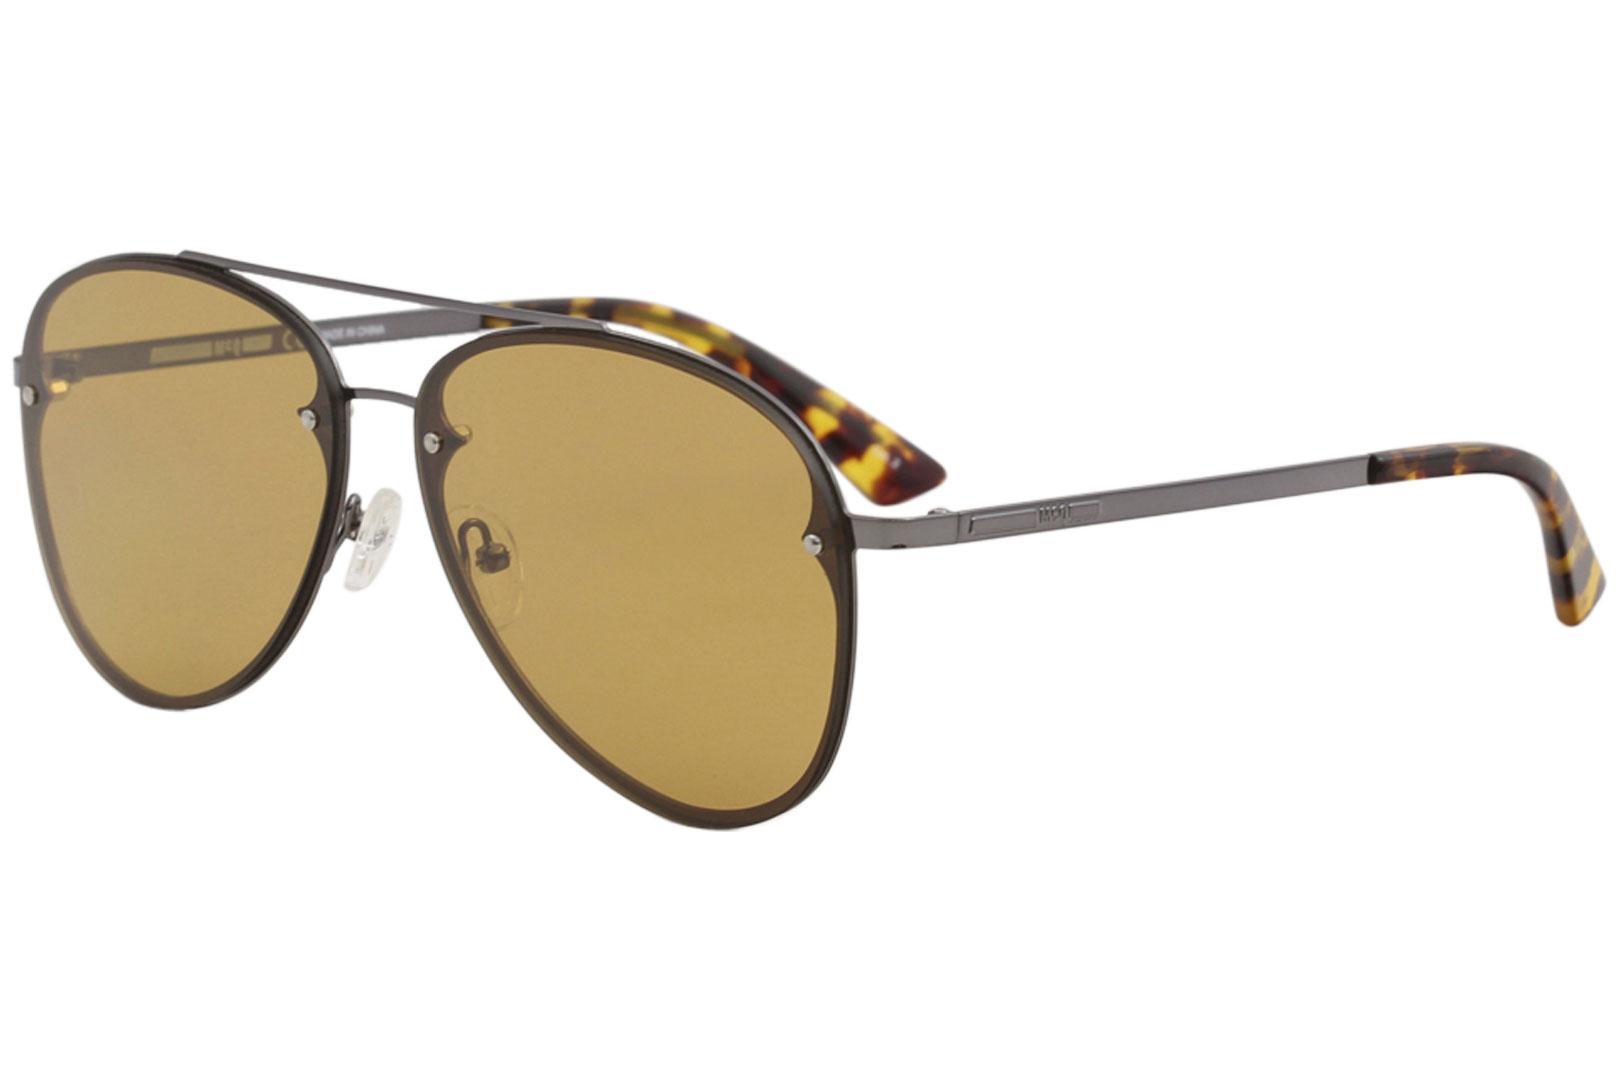 Image of McQ by Alexander McQueen MQ0136S MQ/0136/S 005 Ruthenium Pilot Sunglasses 59mm - Ruthenium/Orange   005 - Lens 59 Bridge 13 Temple 140mm